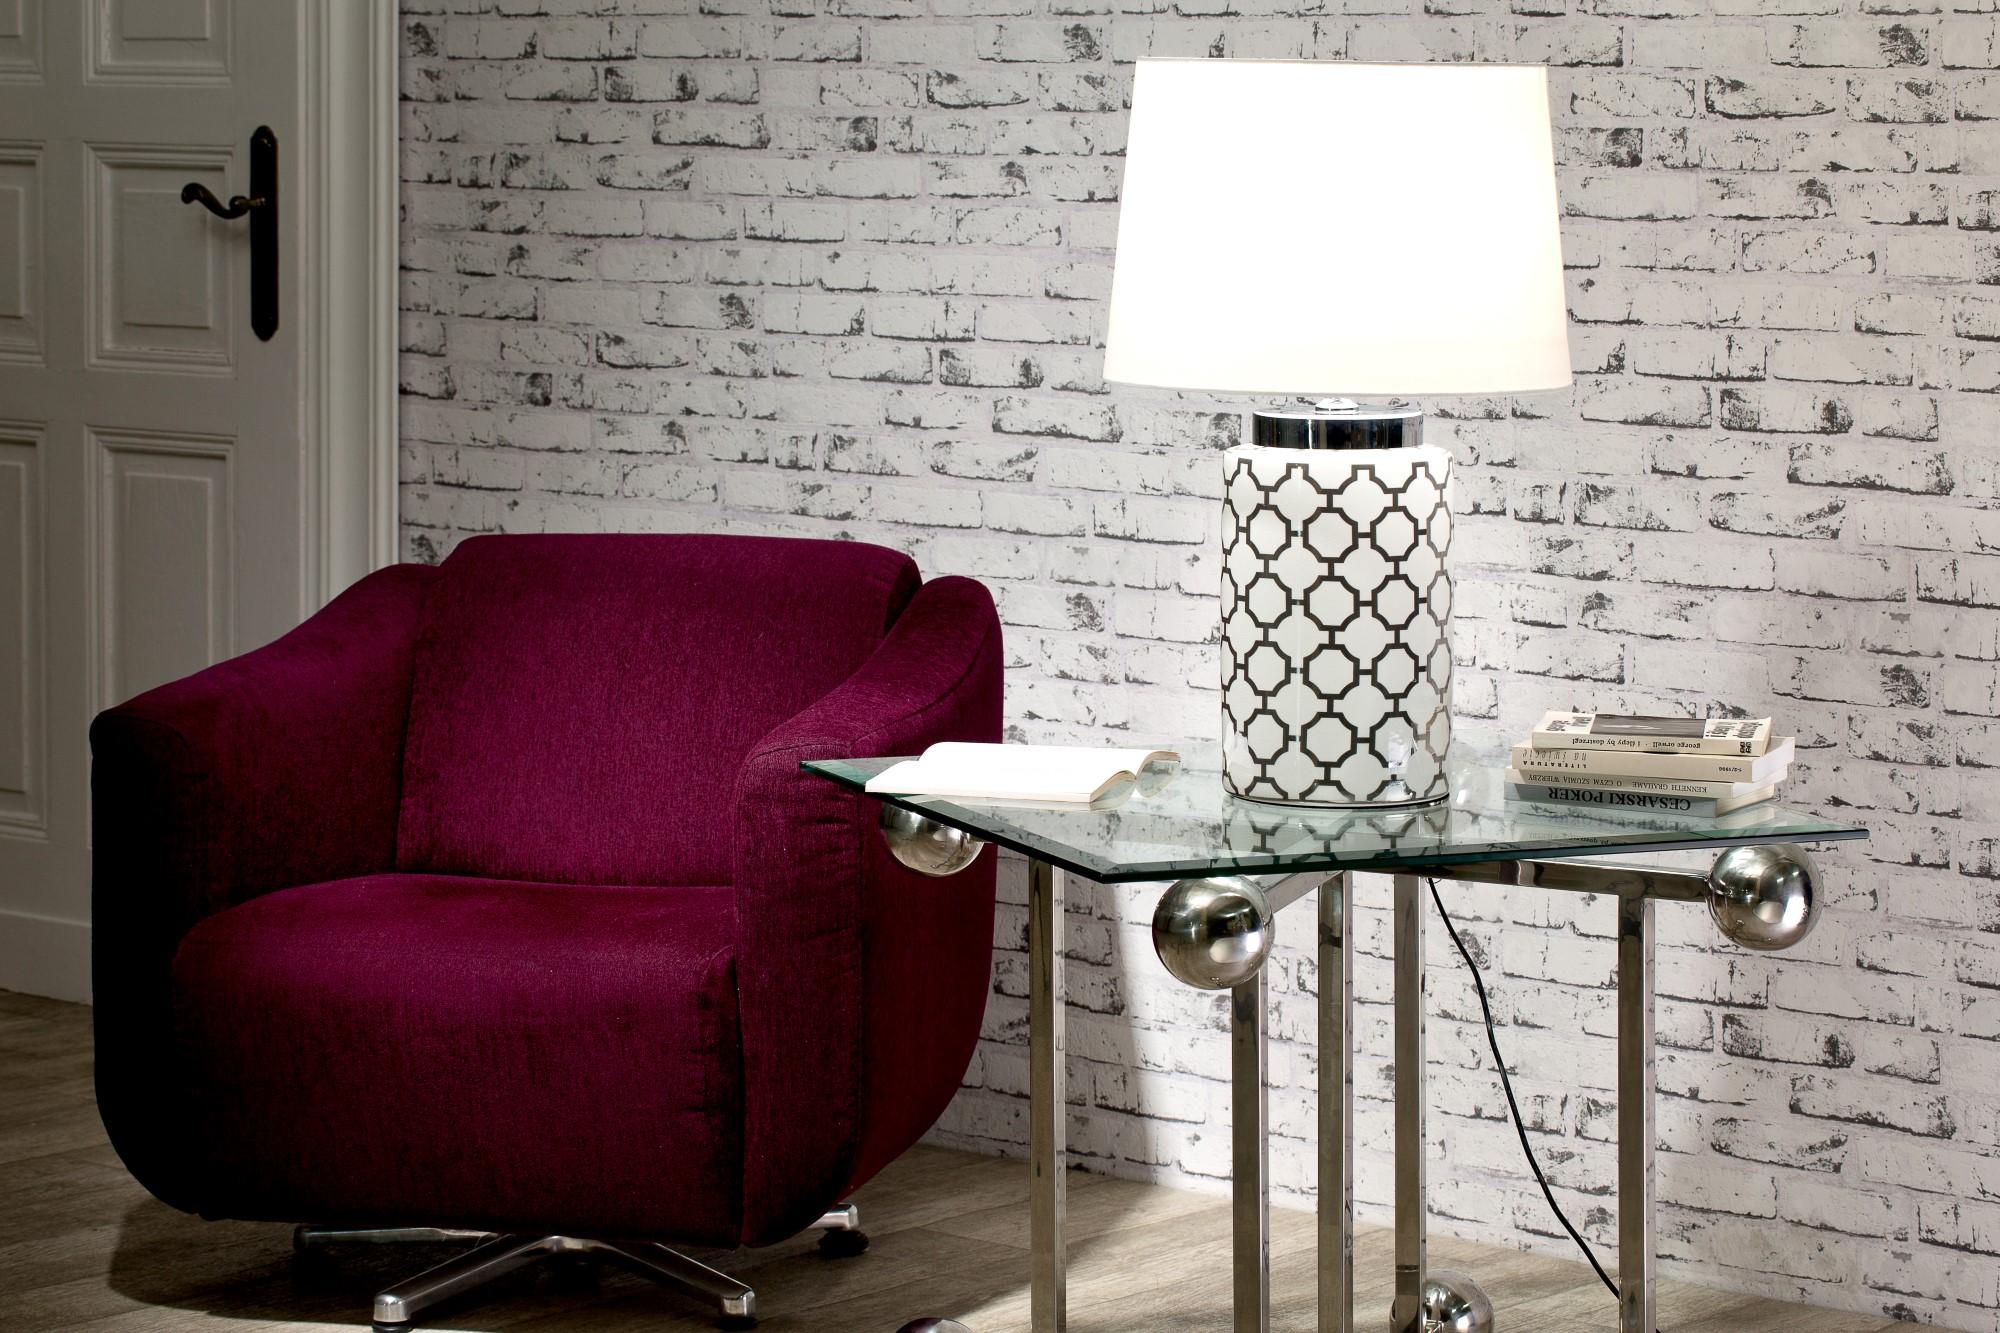 lampy dekoria (2) (Custom)